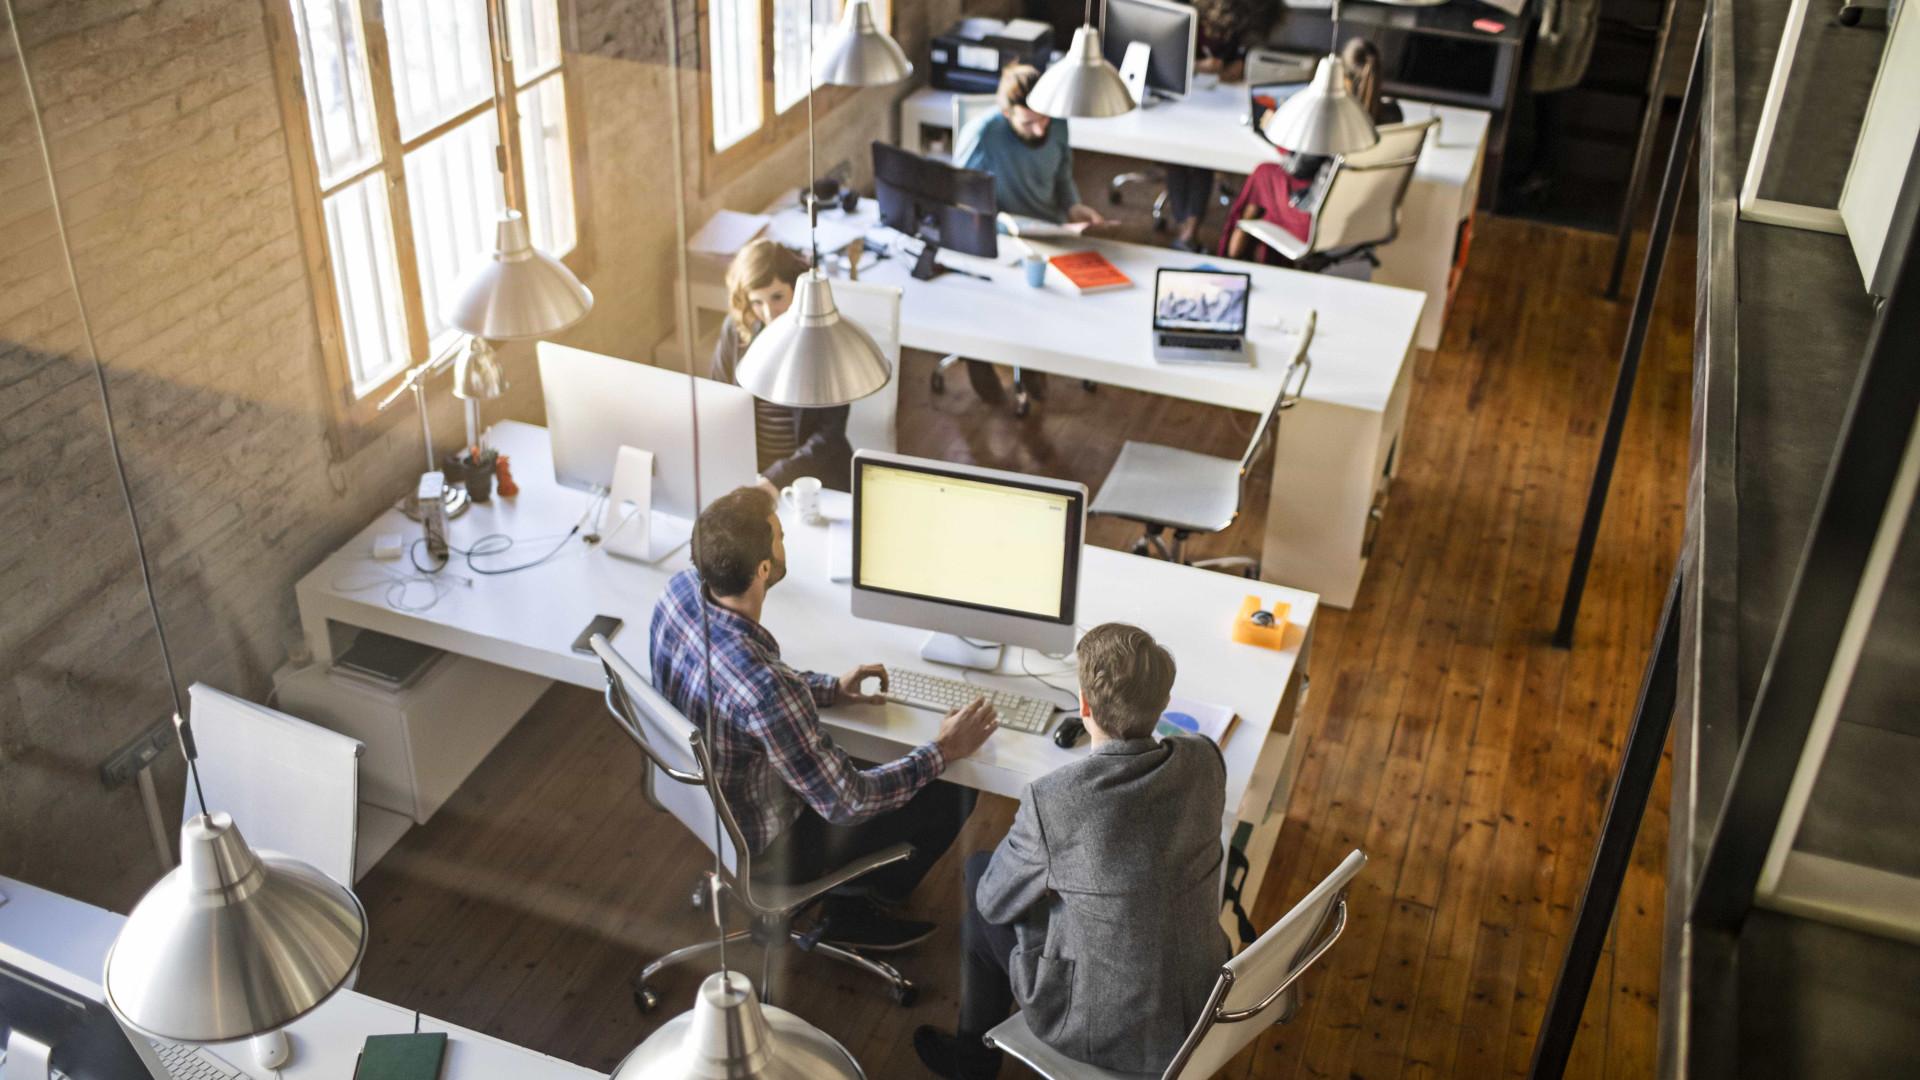 Mini empresas podem melhorar processos com tecnologia gastando pouco